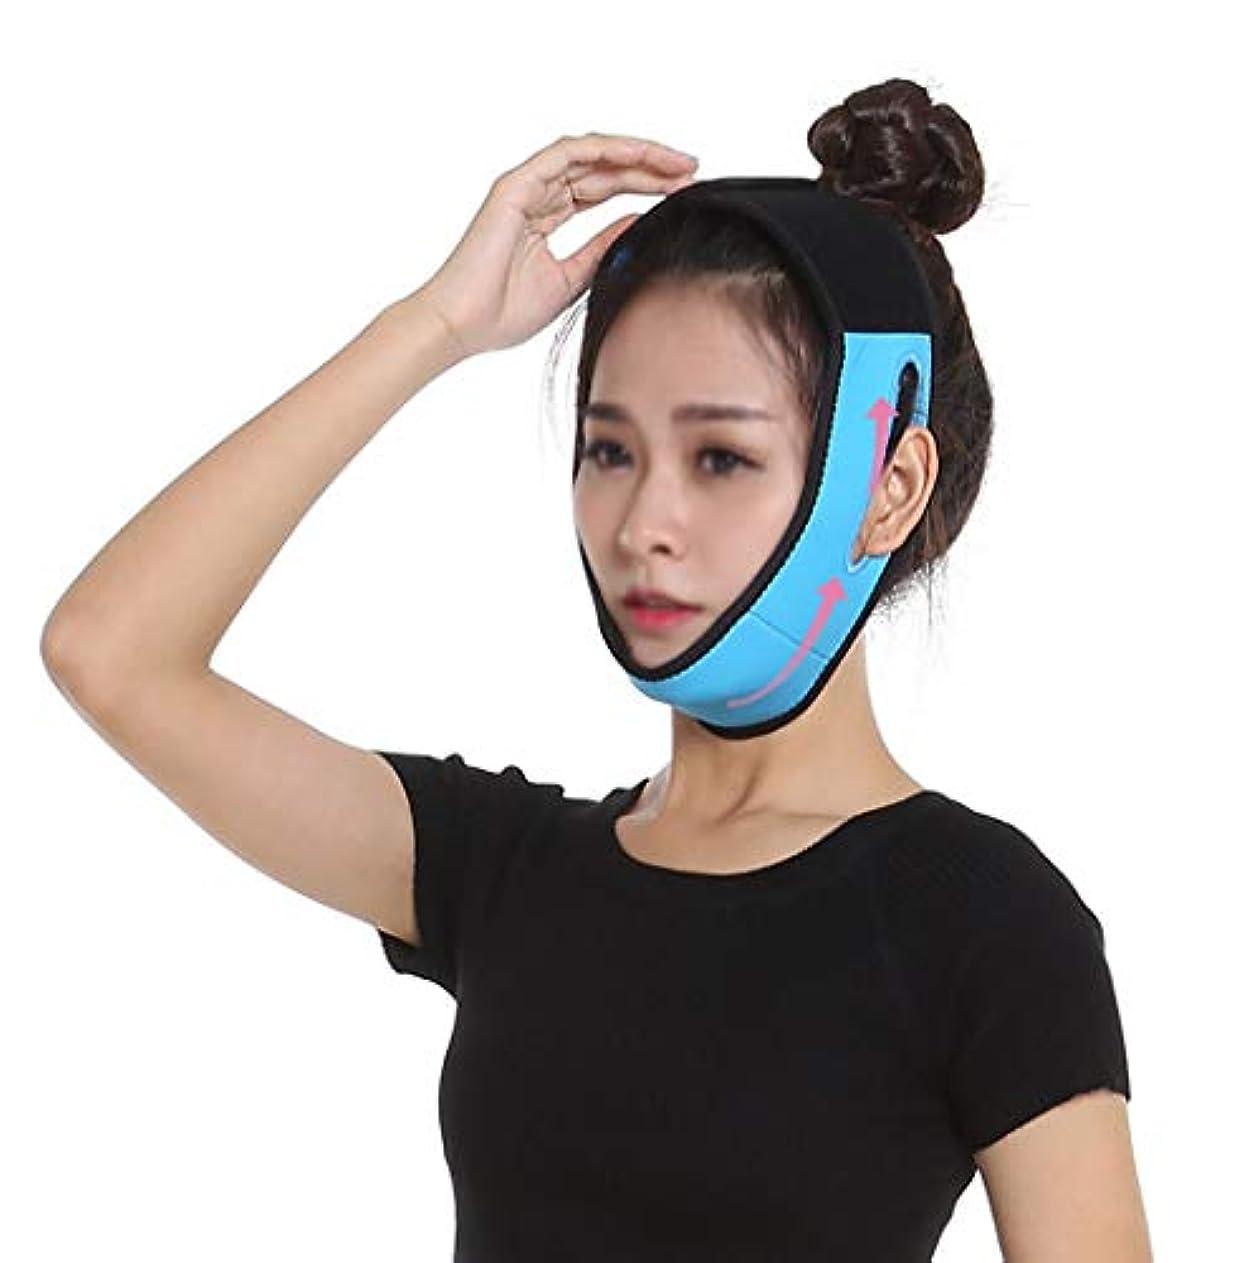 乳剤ヘッジスリチンモイGLJJQMY 痩身ベルトマスクVフェイシャルアーティファクトマッサージマスクあごの筋肉の収縮を強化し、簡単にV面タイトブルータイト包帯を形作る 顔用整形マスク